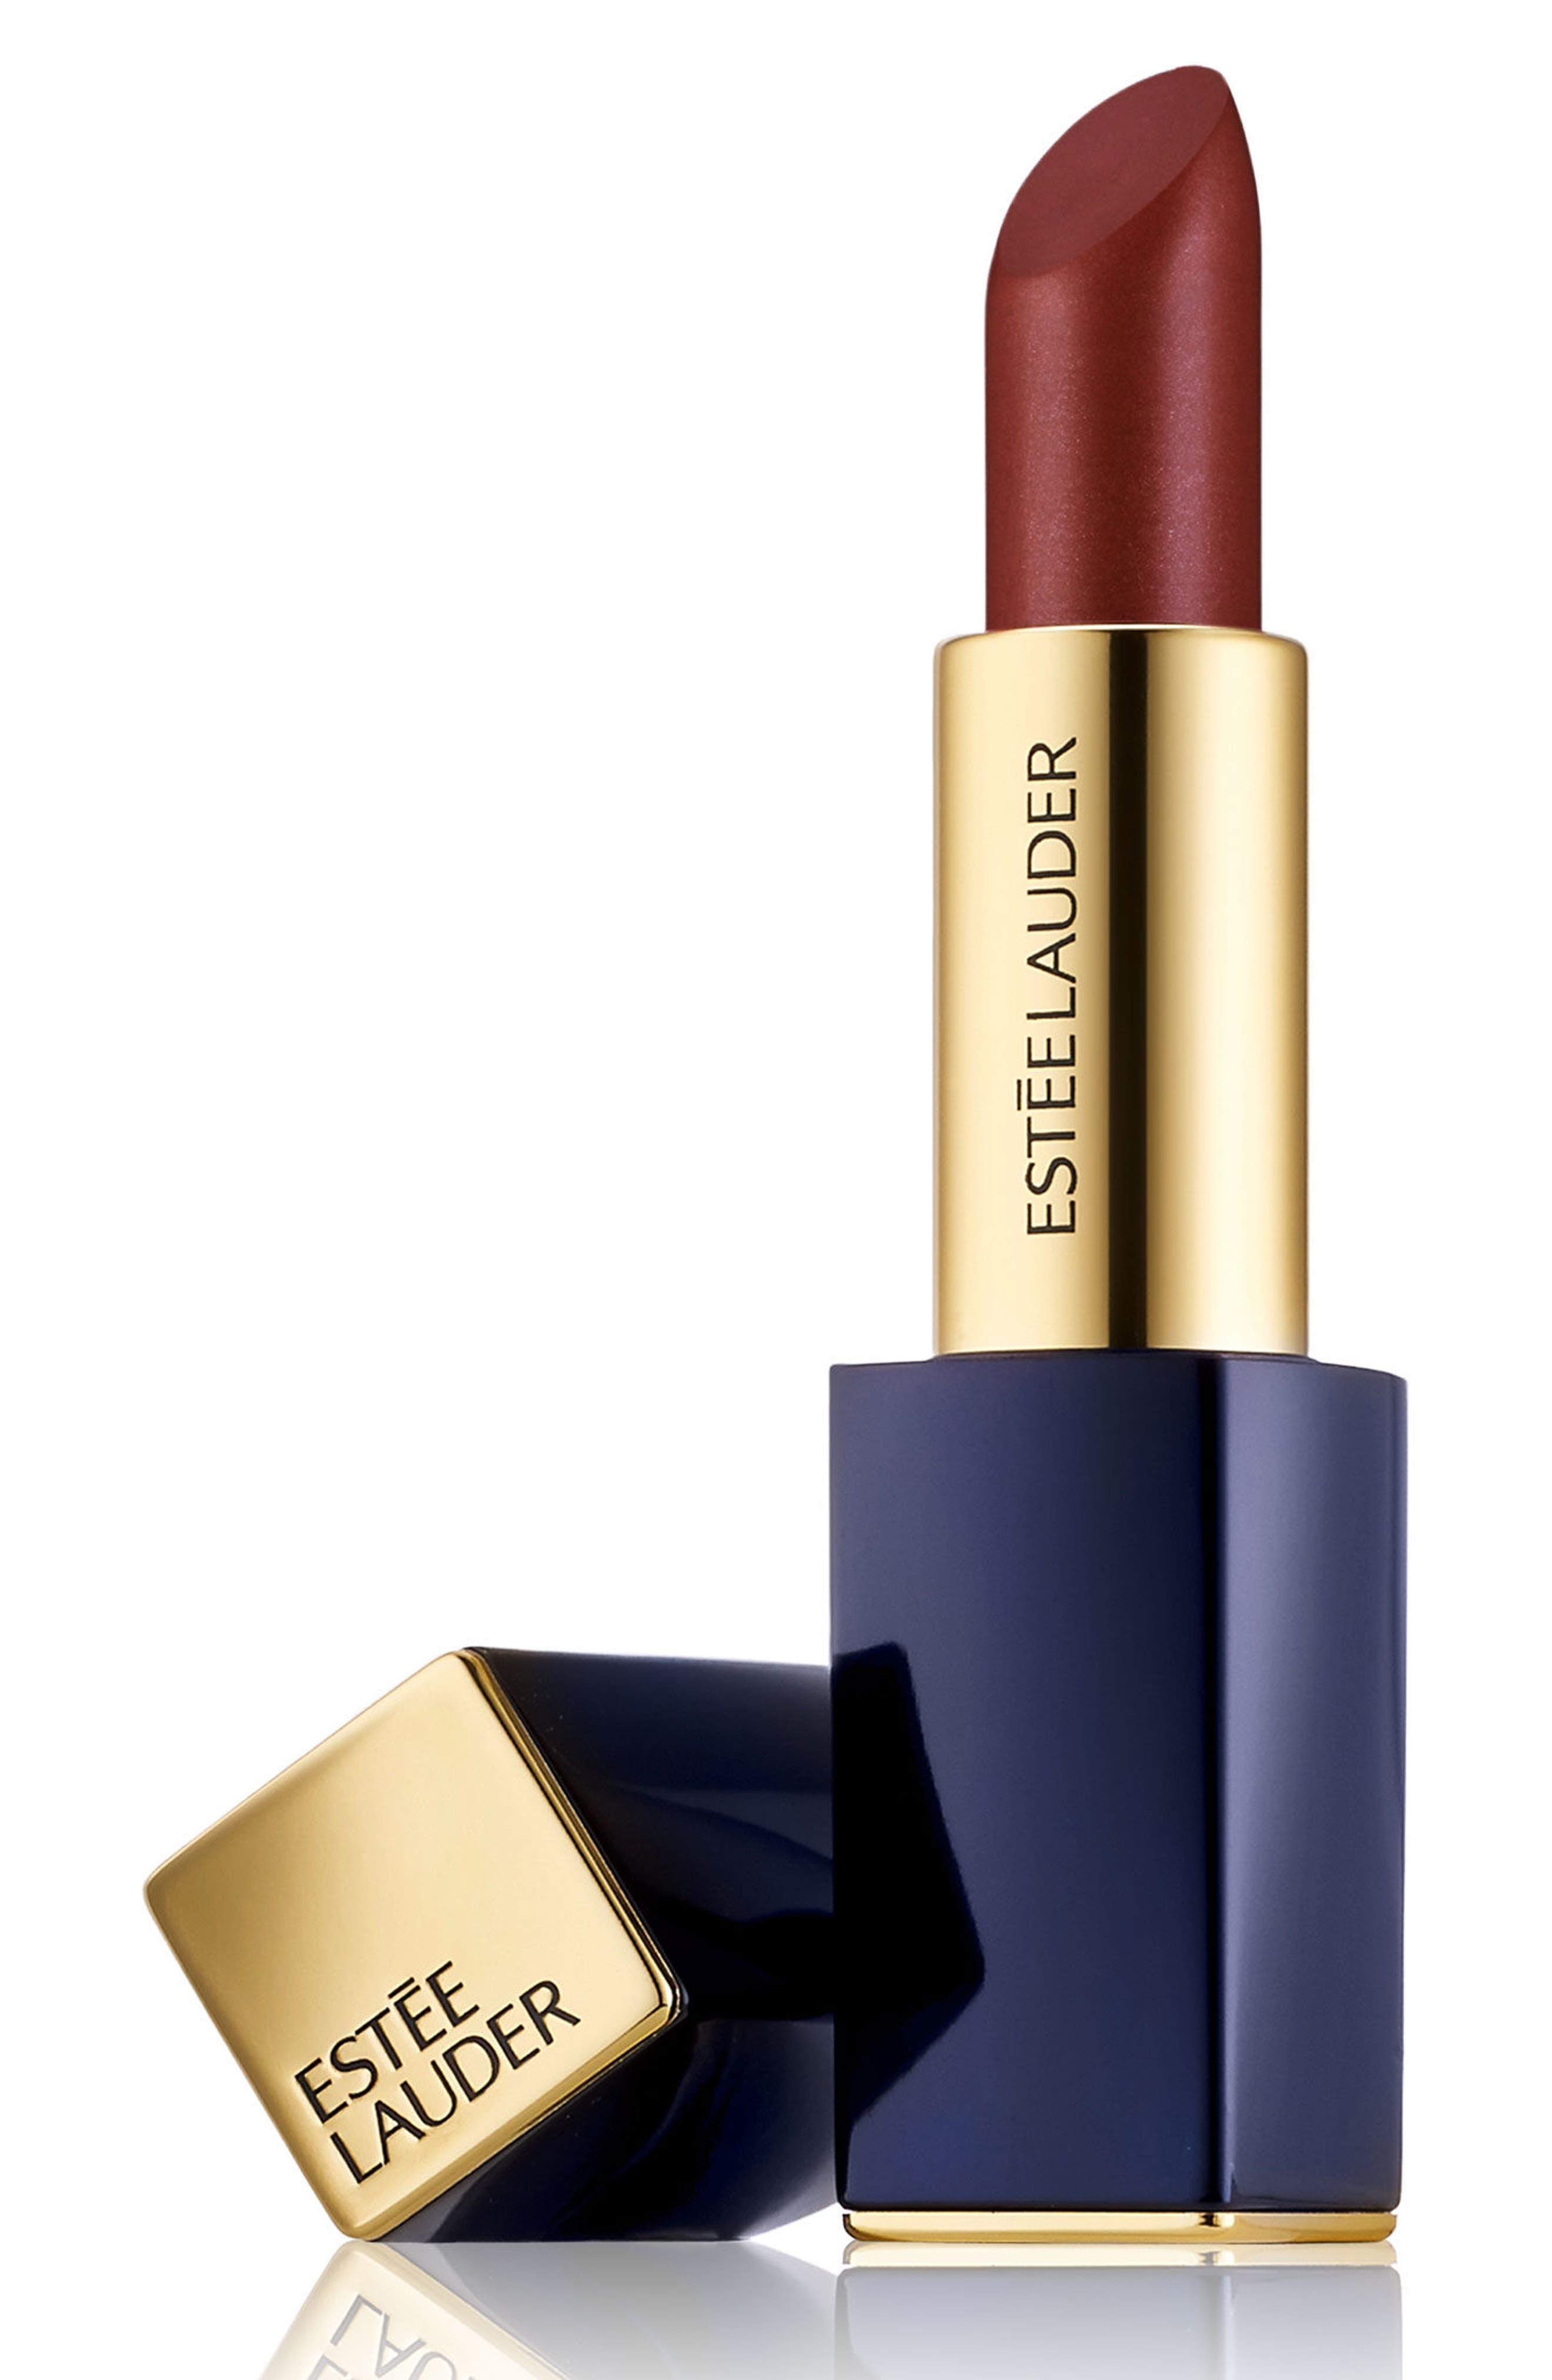 Estée Lauder Pure Color Envy Metallic Matte Sculpting Lipstick